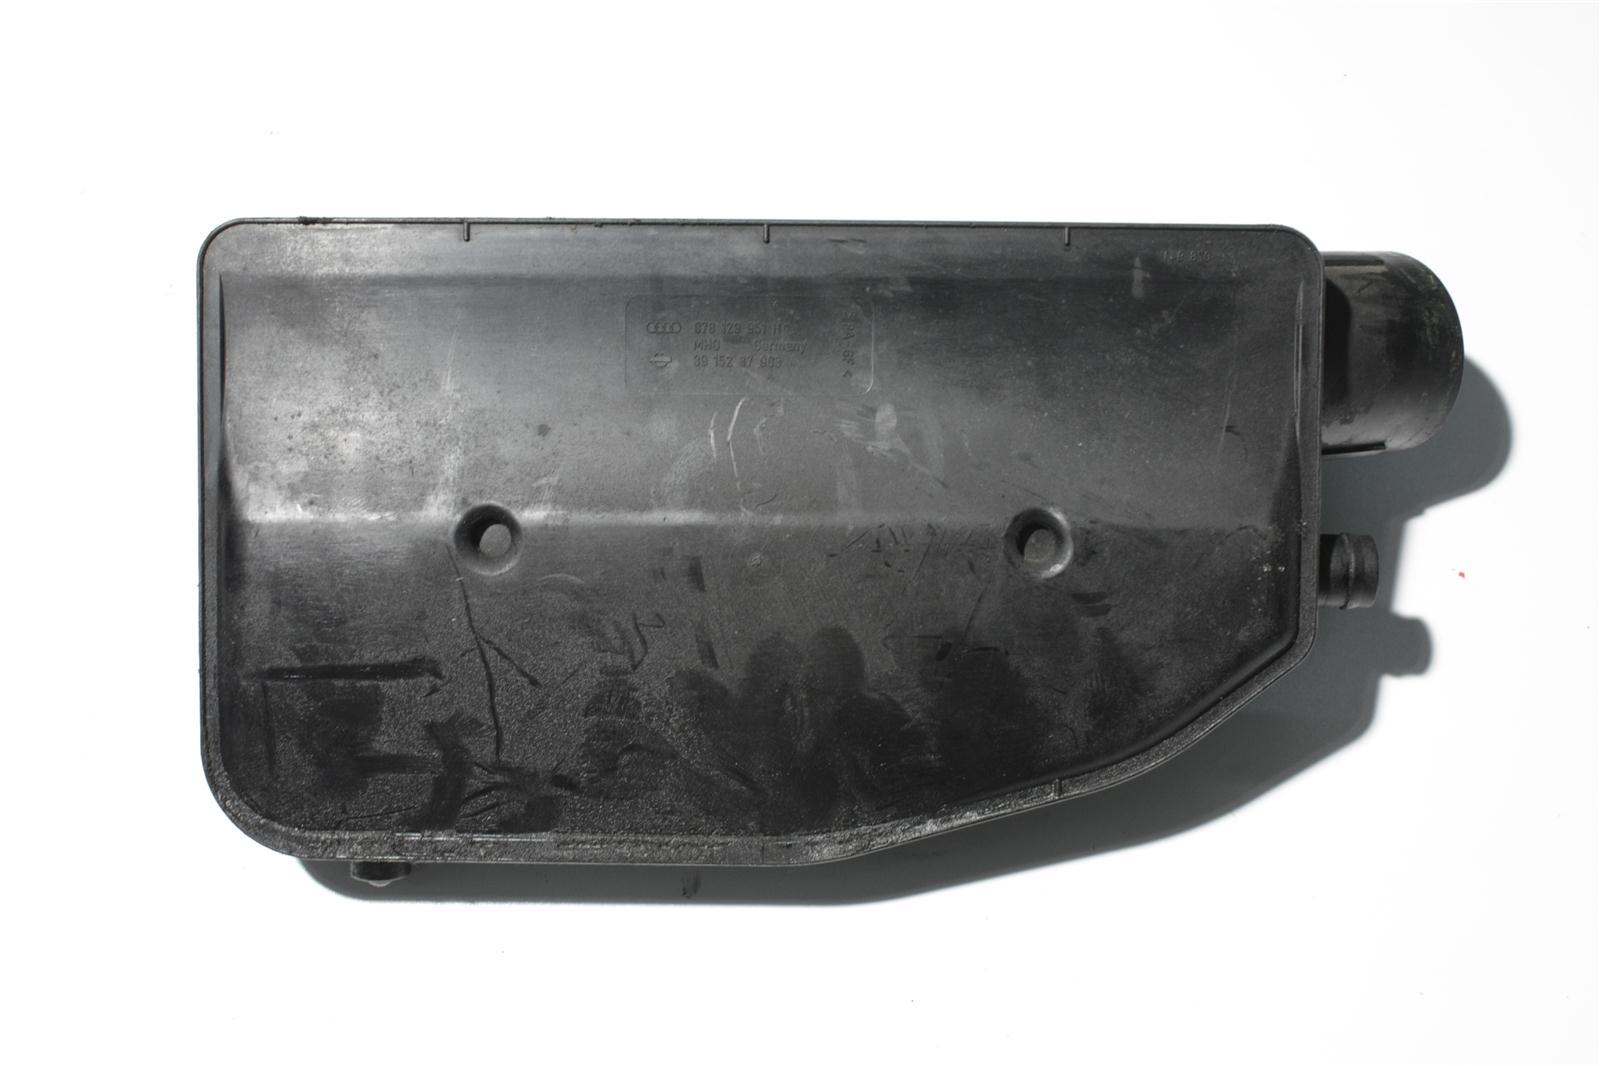 Audi 100/A6 C4 2.6/2.8l Geräuschdämpfer 078129951H